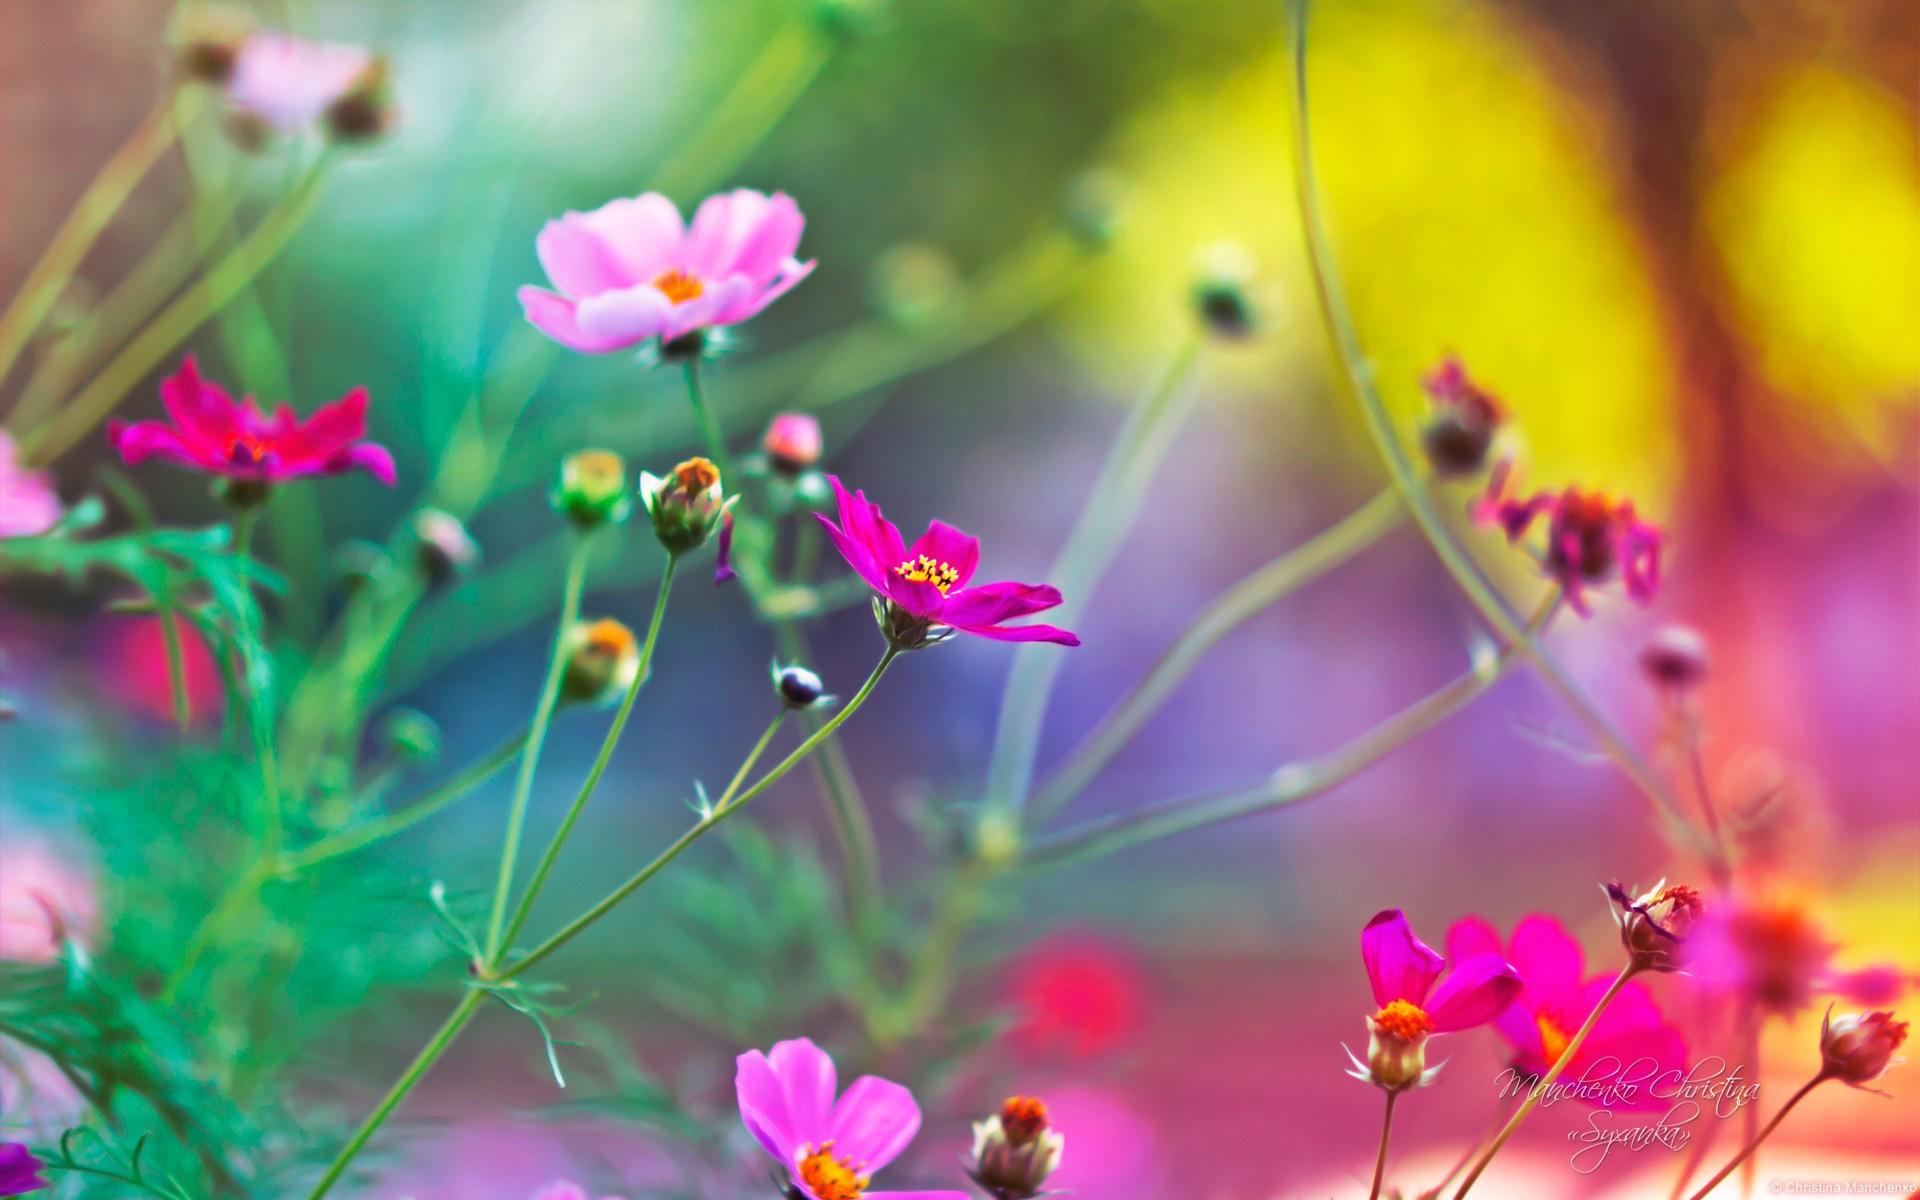 صوره خلفيات ورود روعة , خلفيات الورد الجميلة